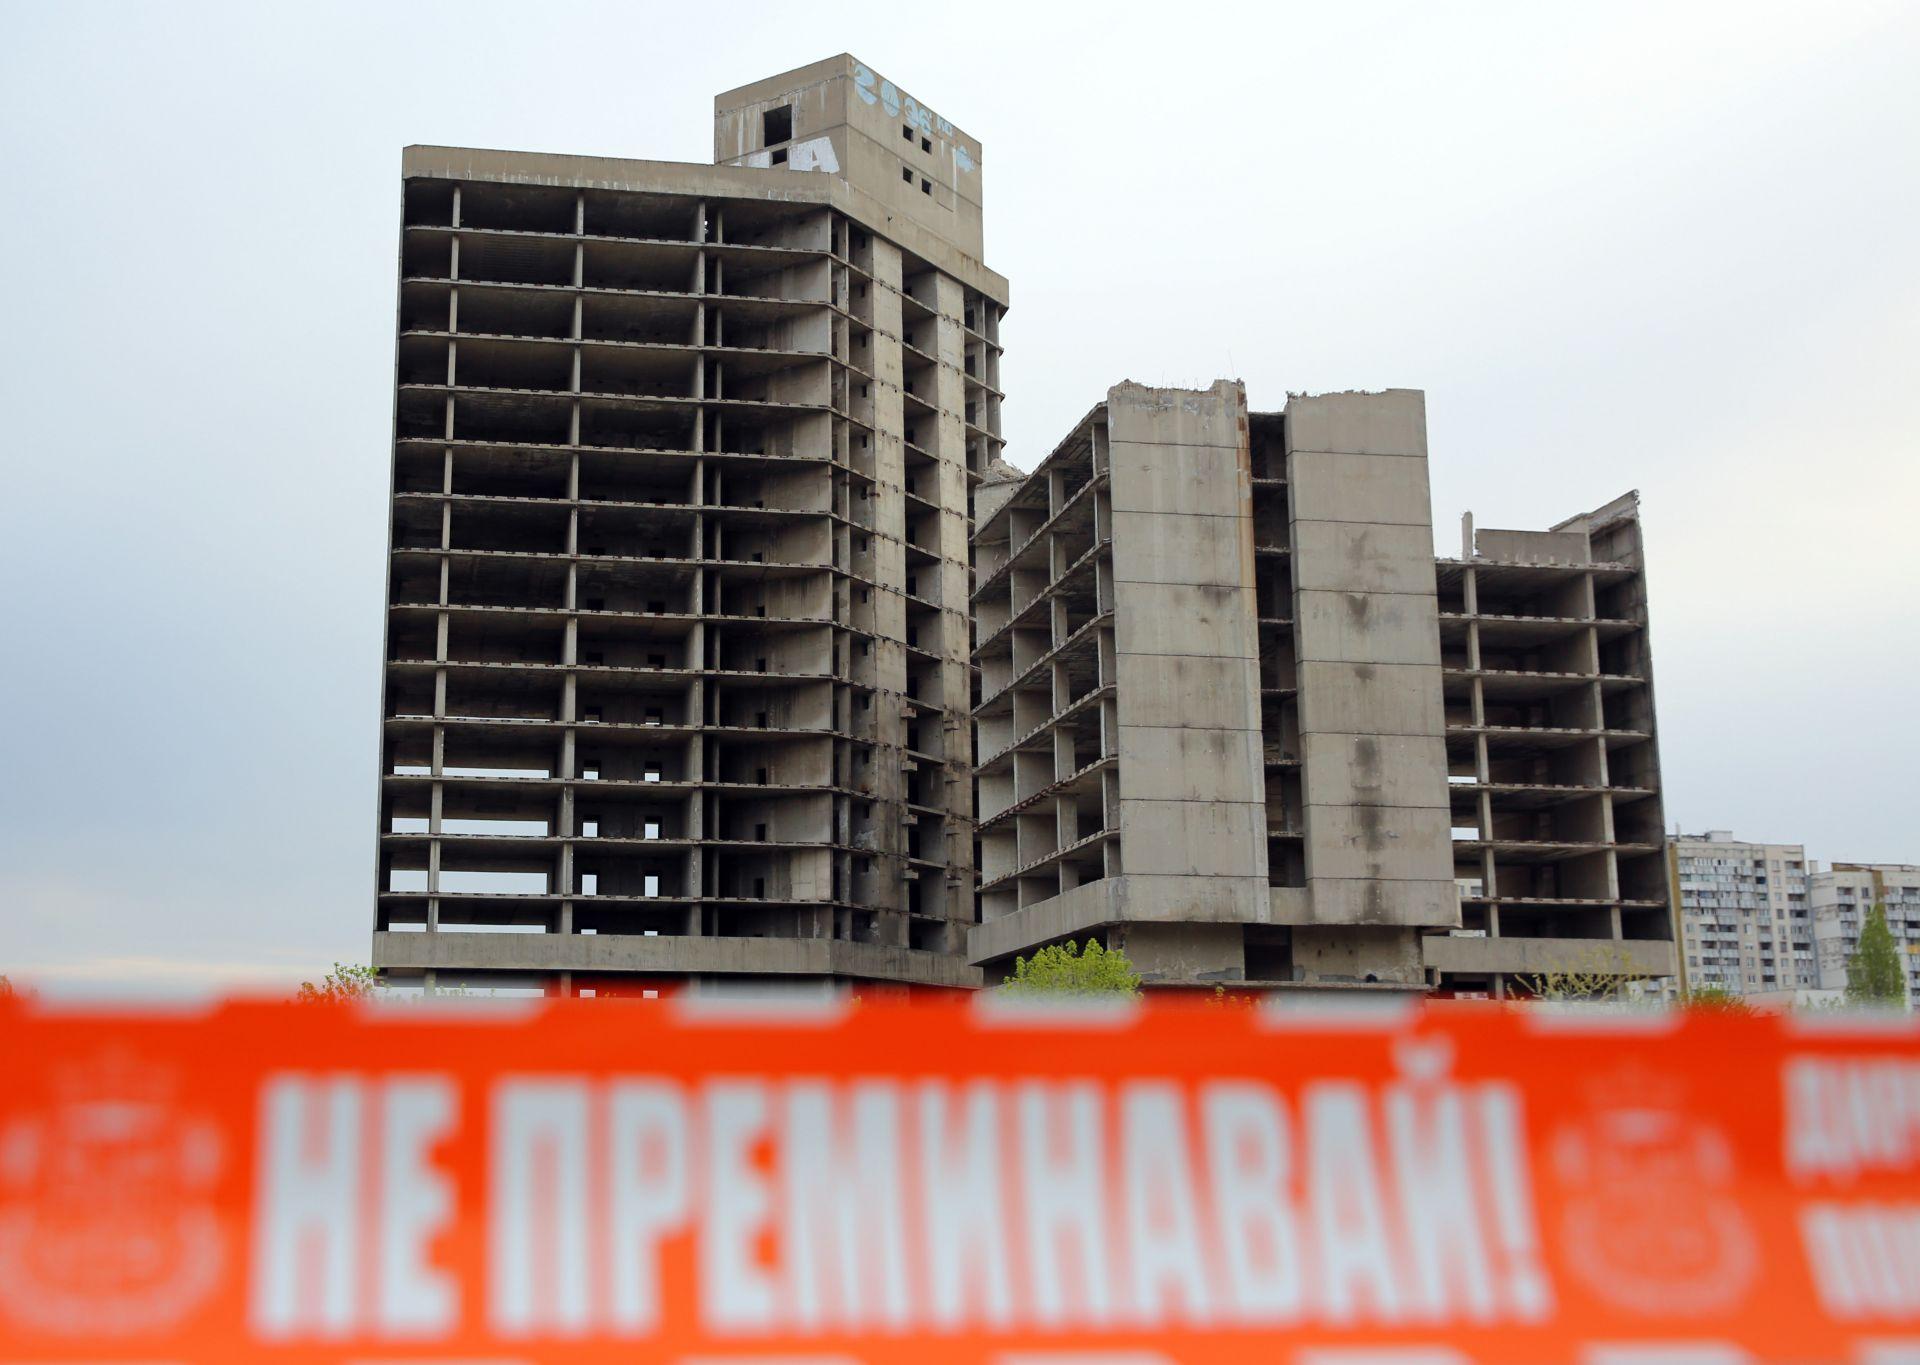 """Рушащата се от години сграда на ИПК """"Родина"""" на столичния булевард """"Цариградско шосе"""" бе съборена днес между 9:00 и 10:00ч."""